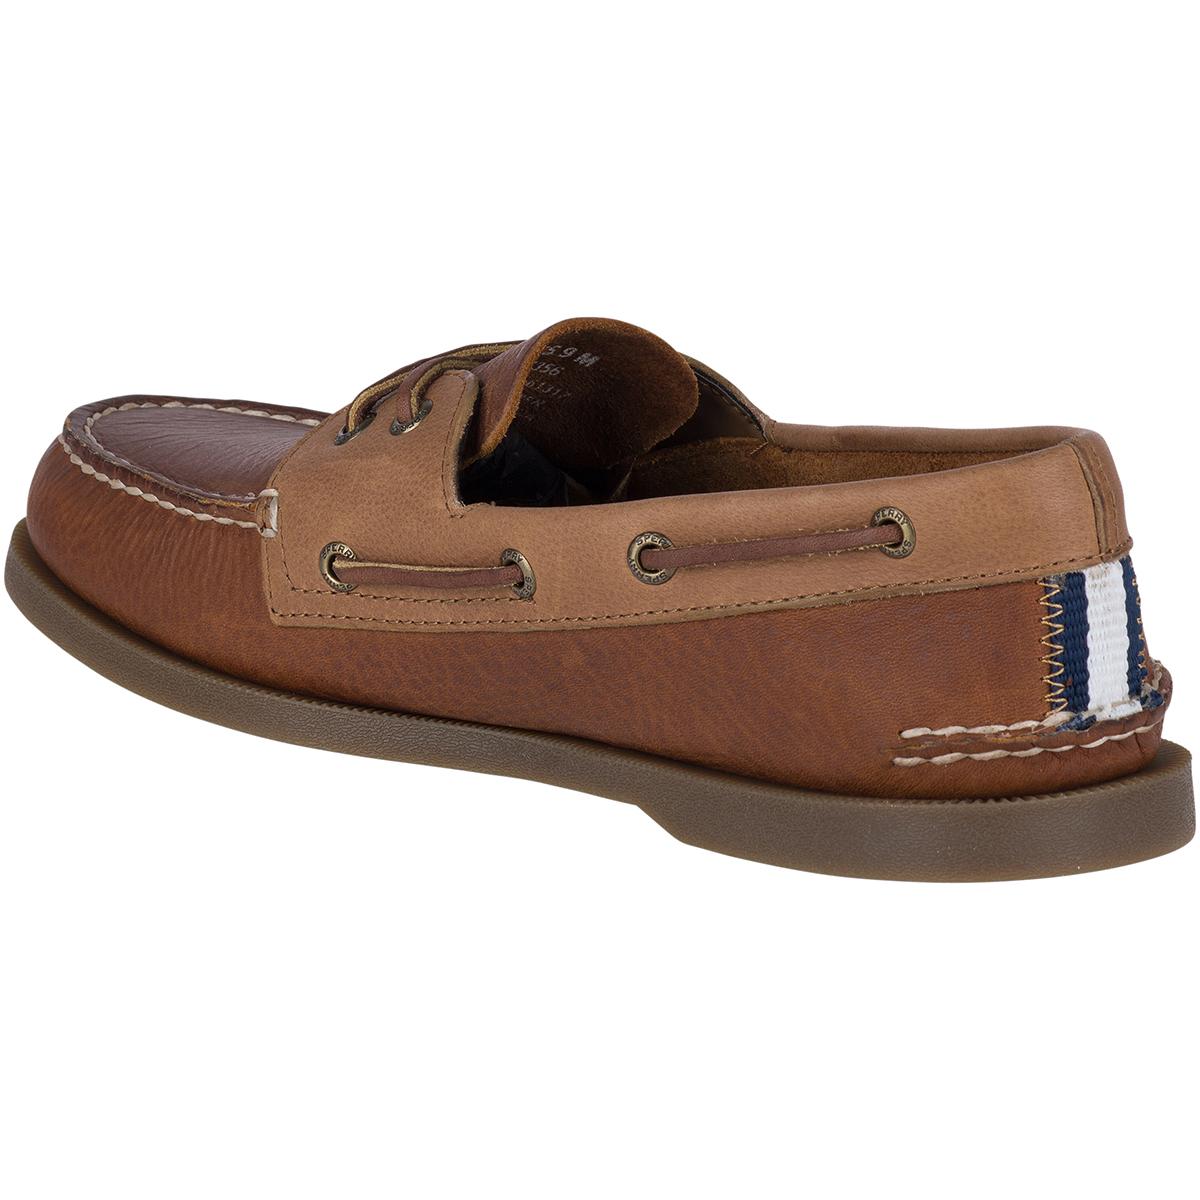 Authentic Original Daytona Boat Shoes